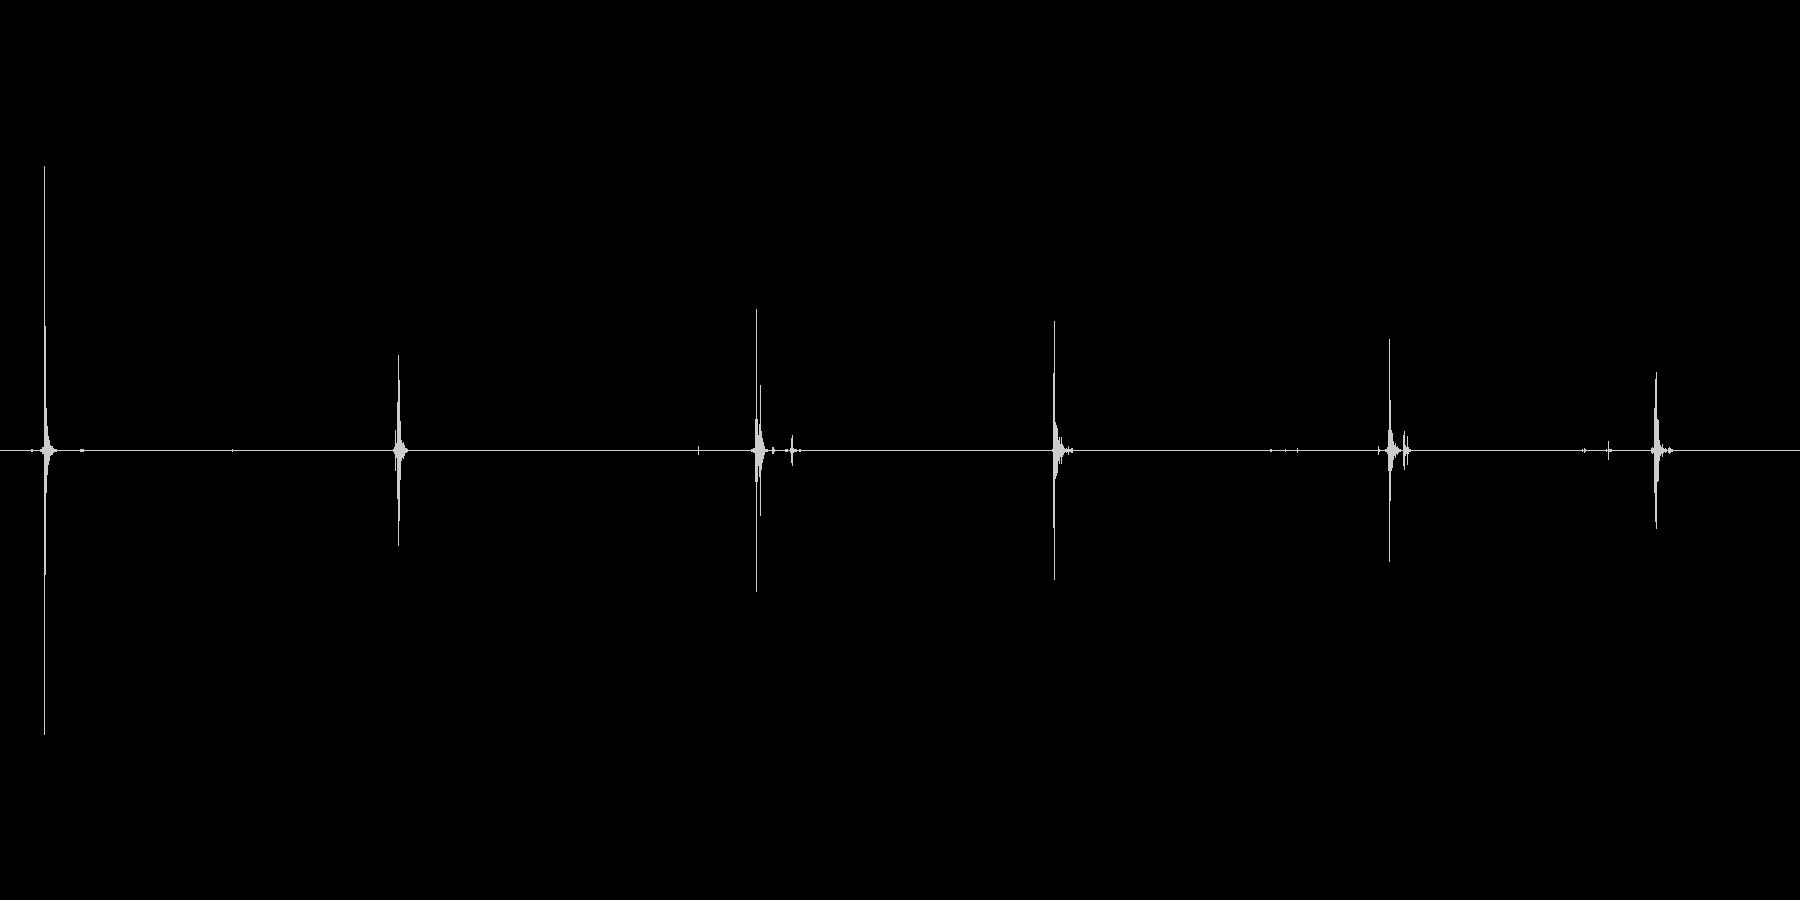 ハンドガン、マグナムタイプ。リロード。…の未再生の波形